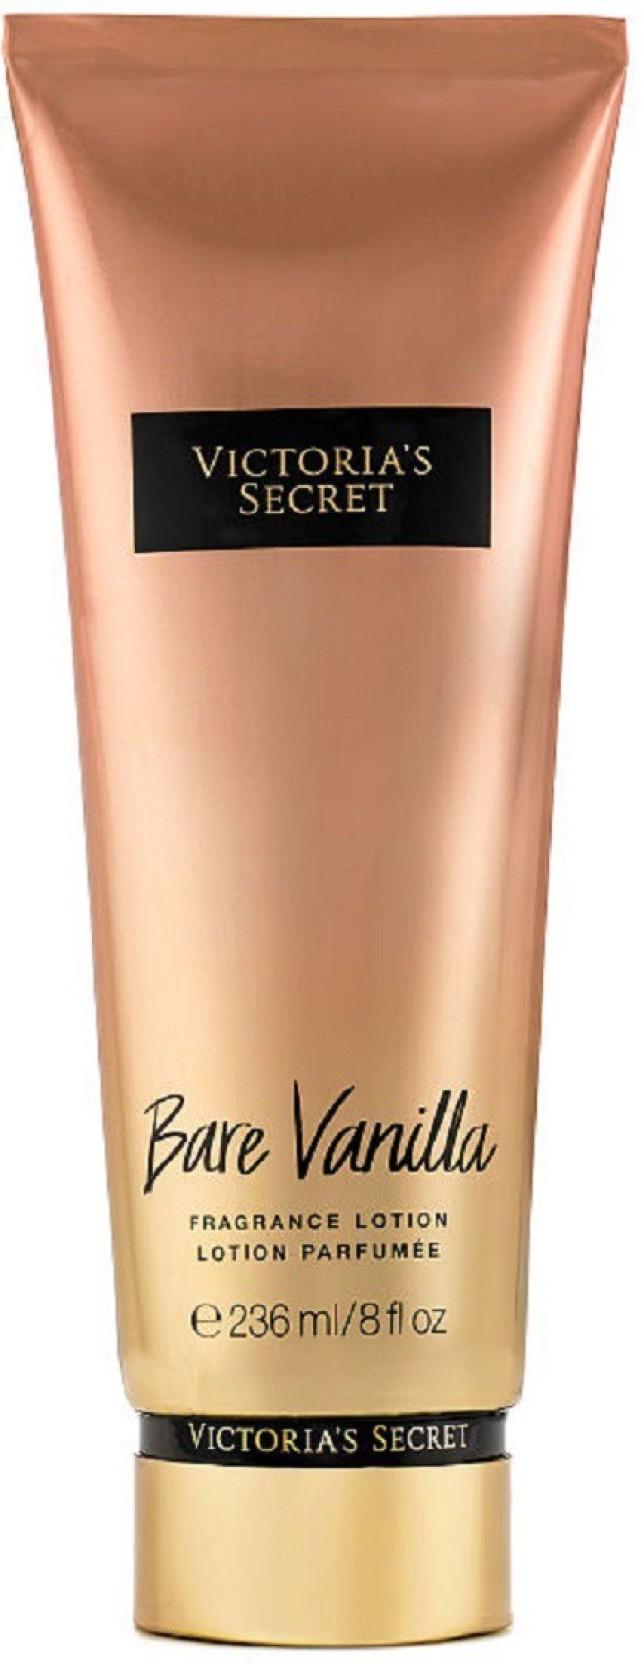 3cf8016e20 Victoria s Secret Bare Vanilla Fragrance Lotion - Price in India ...